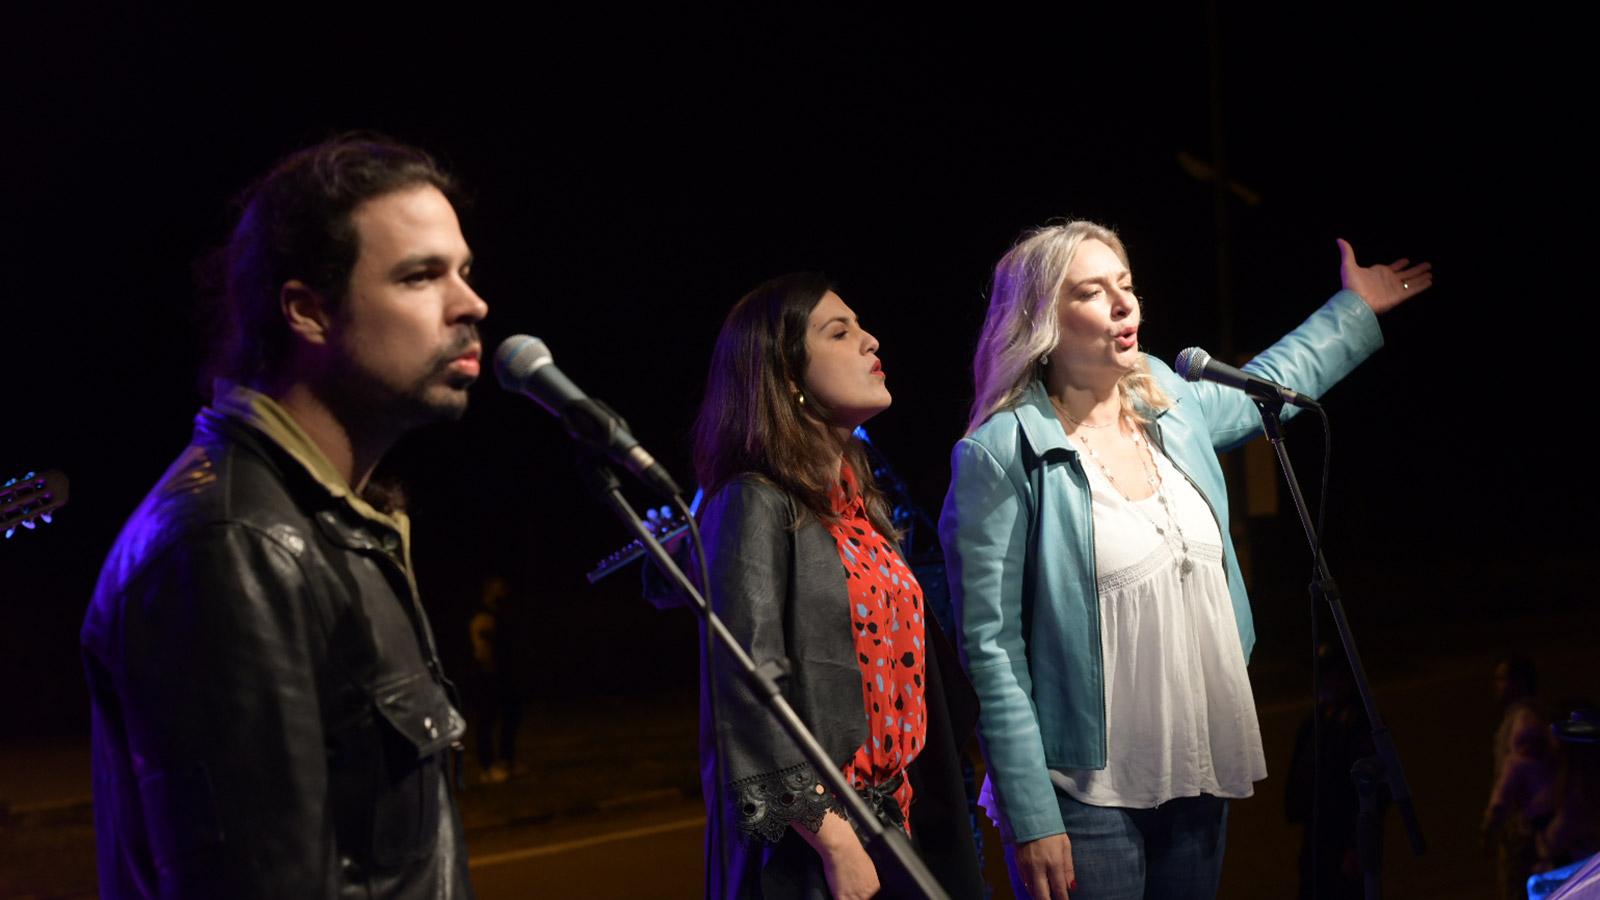 strofilia μεγάλη συναυλία αλληλεγγύης διεκδίκησης Στροφιλιάς 12